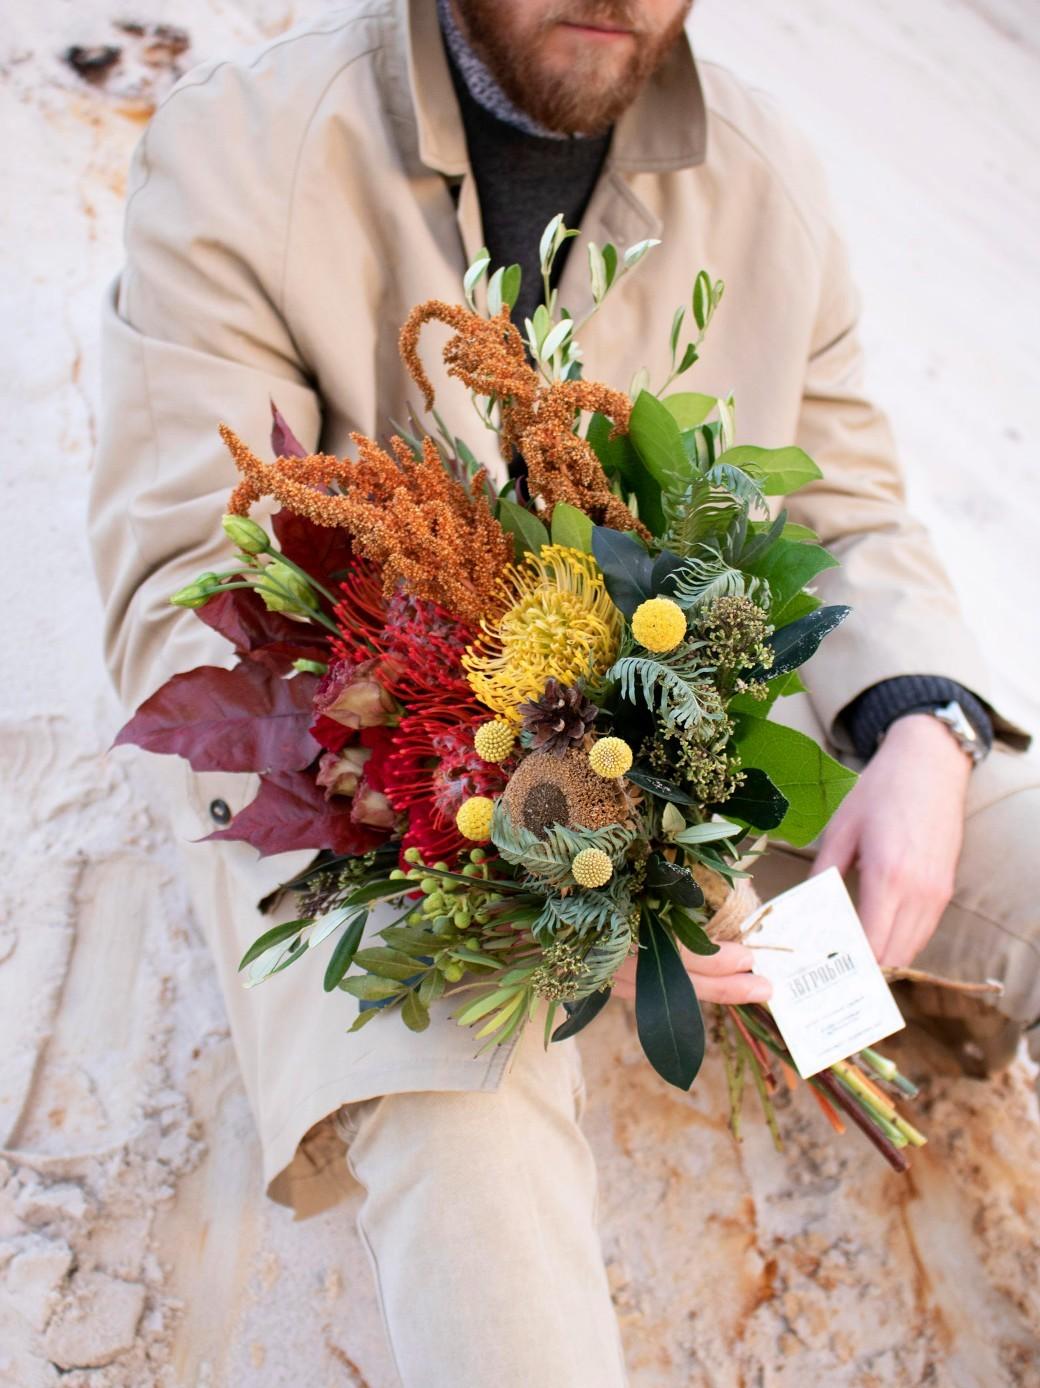 Цветы купить, заказать цветы для мужчин с севастополь